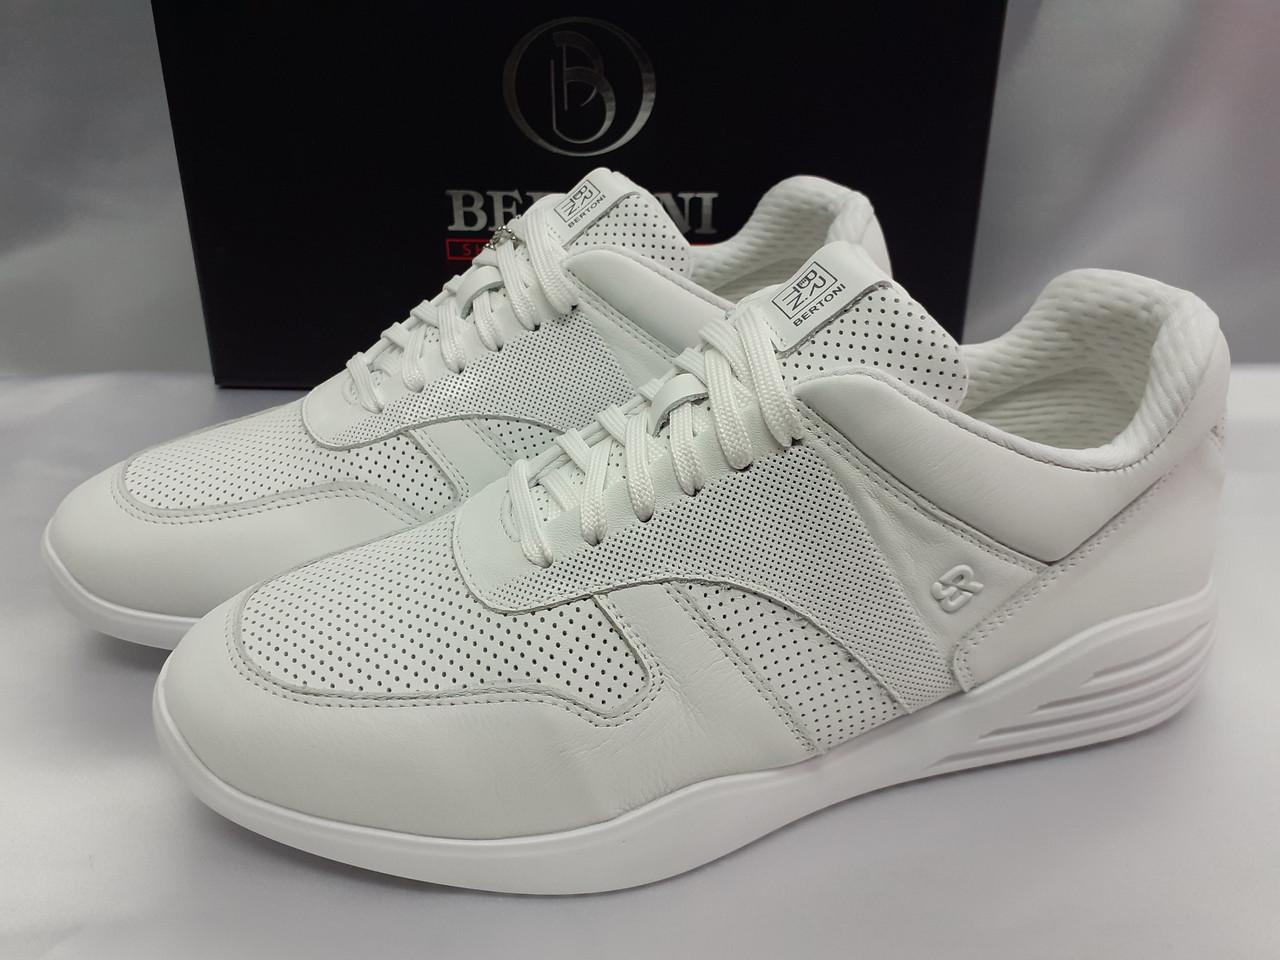 Стильные летние кожаные кроссовки белые Bertoni